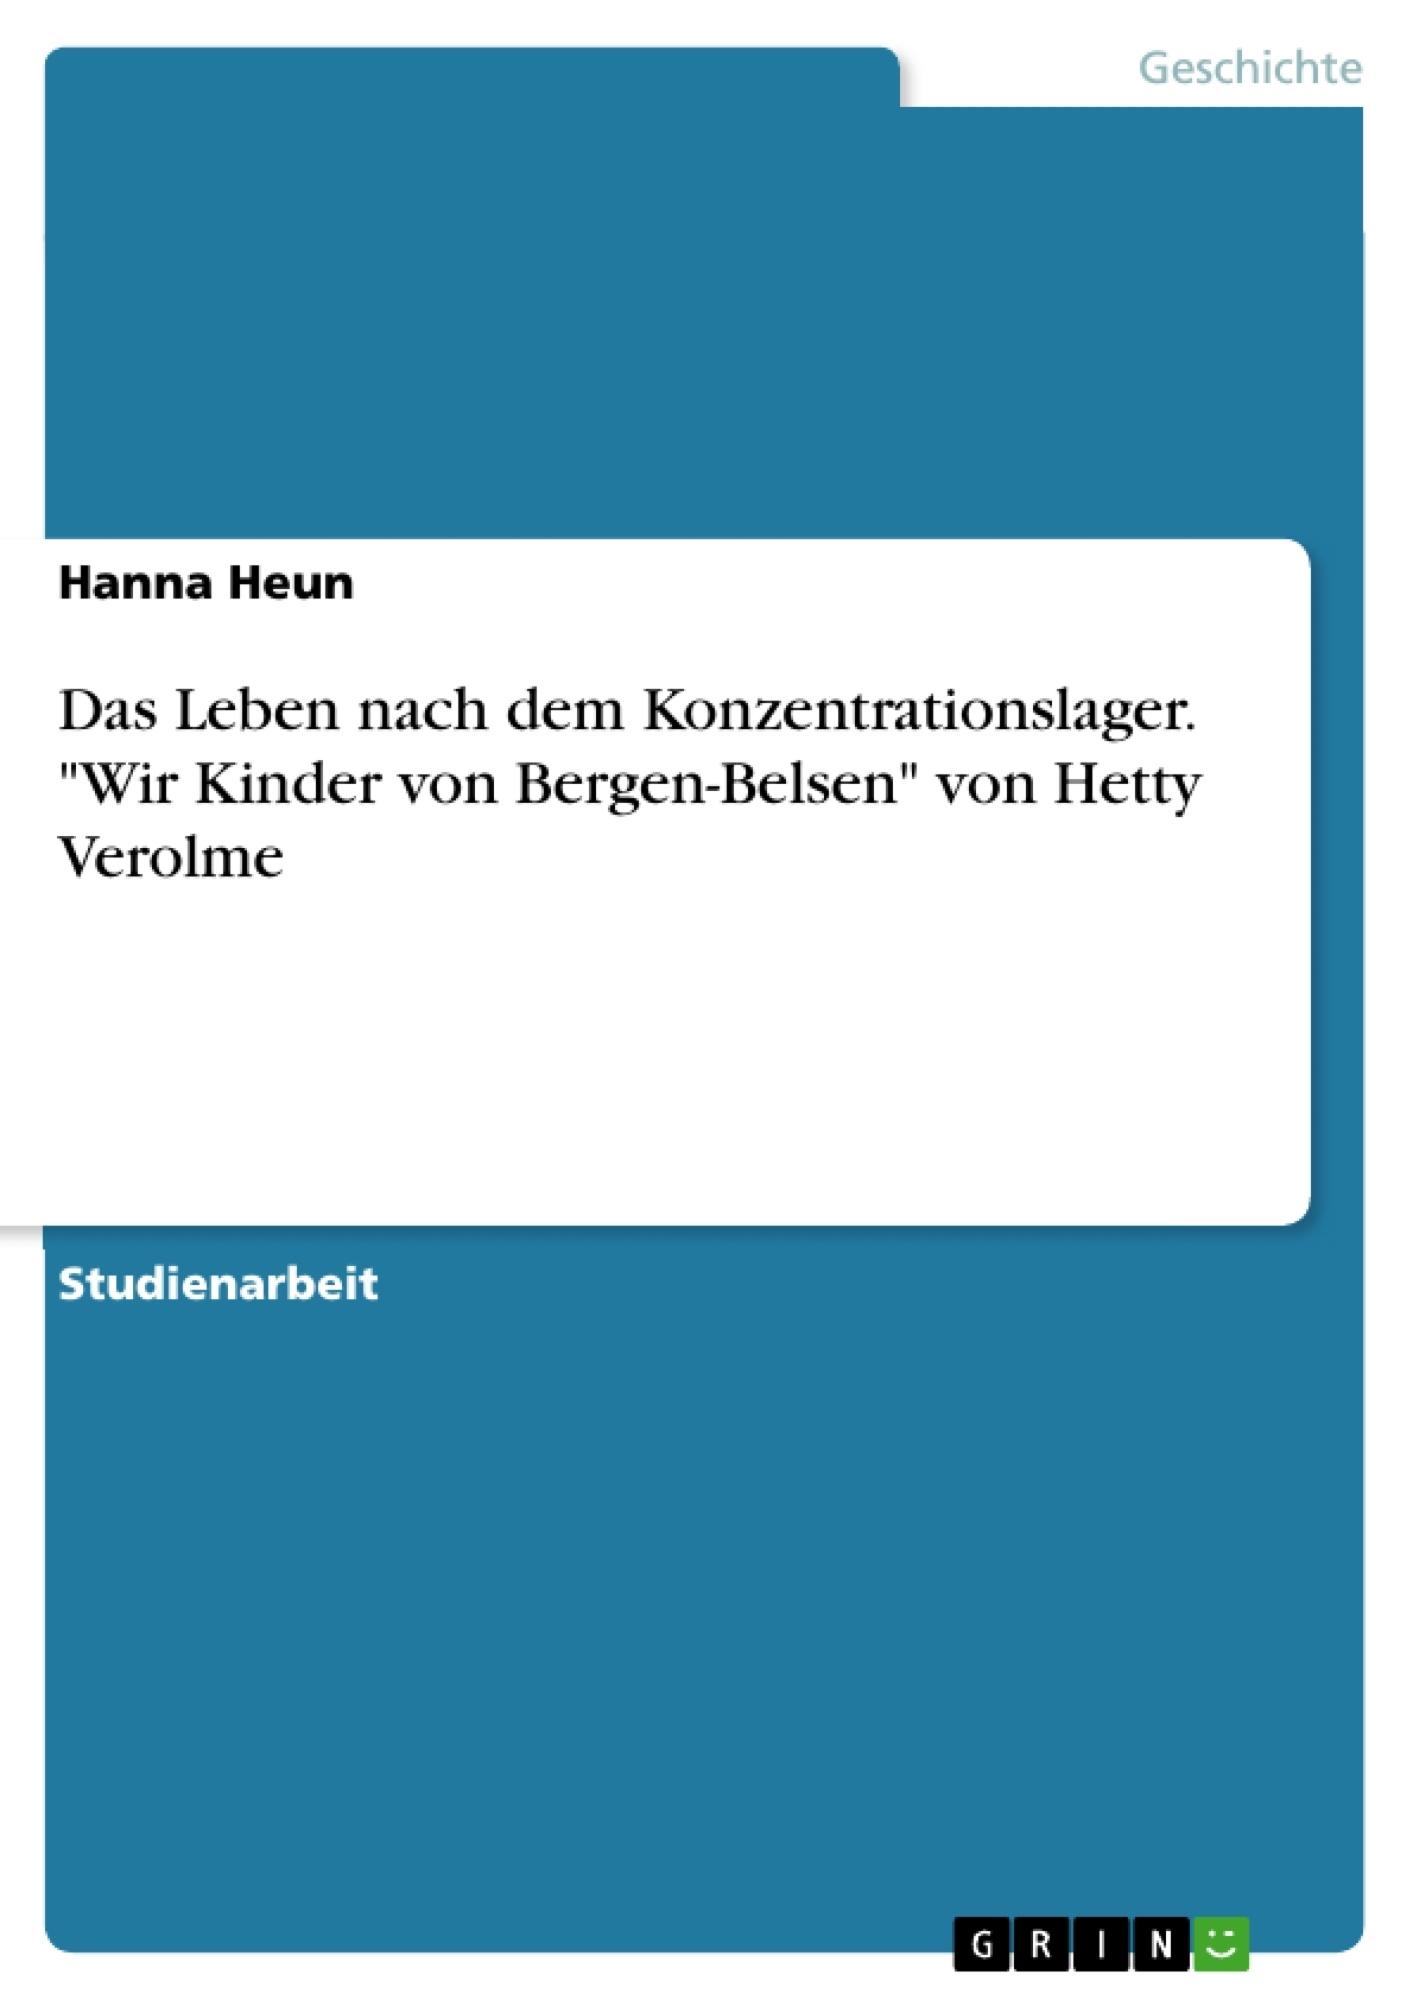 """Titel: Das Leben nach dem Konzentrationslager. """"Wir Kinder von Bergen-Belsen"""" von Hetty Verolme"""